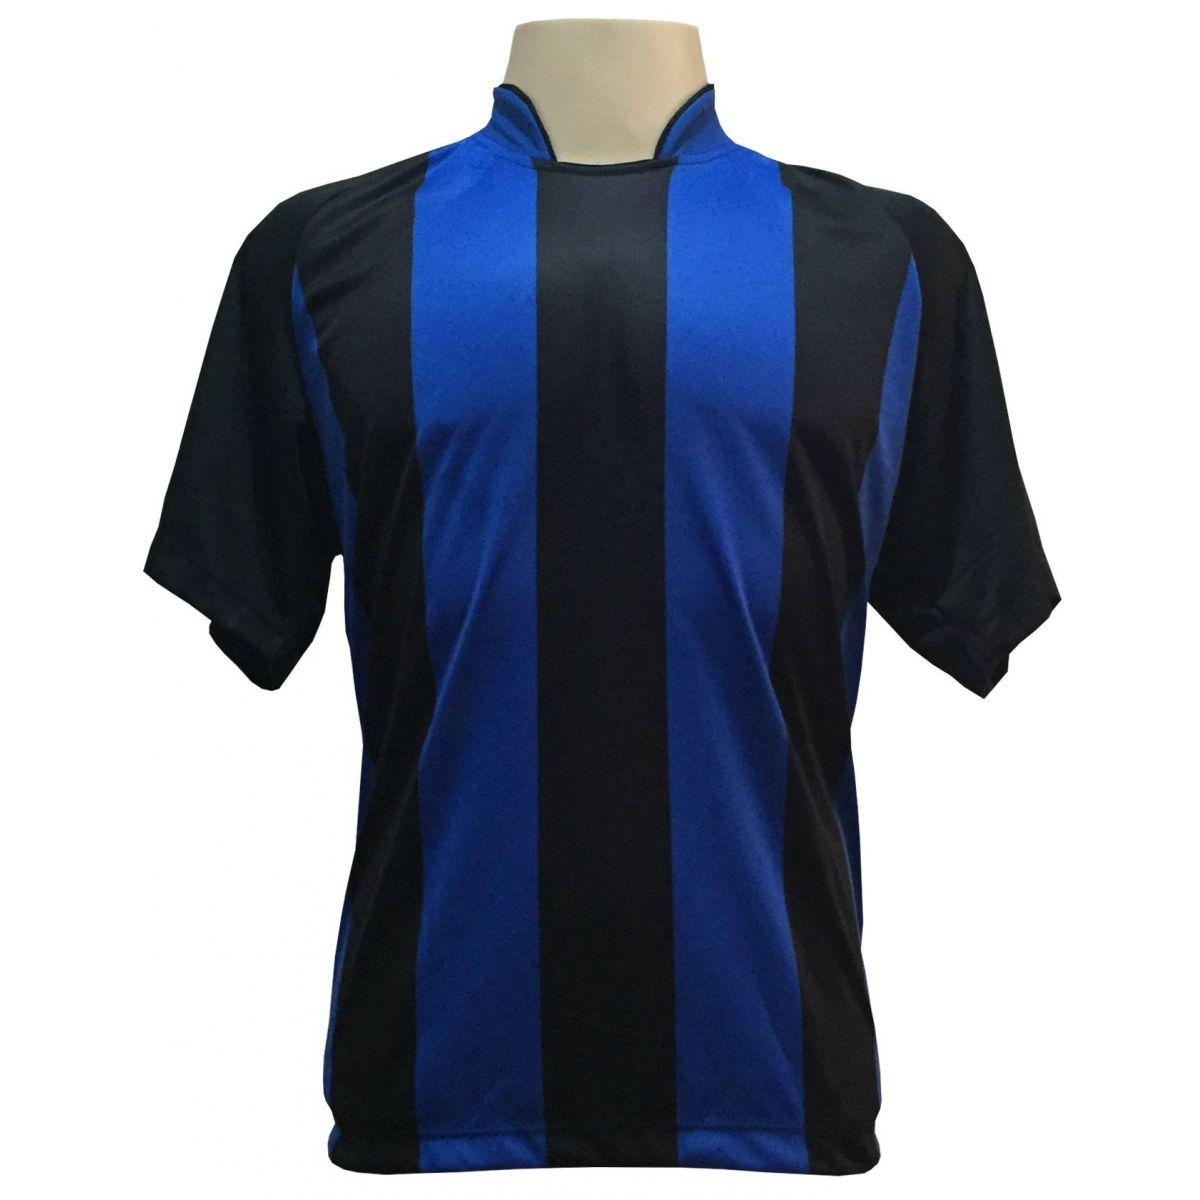 Uniforme Completo modelo Milan Preto/Royal 12+1 (12 camisas + 12 calções + 13 pares de meiões + 1 conjunto de goleiro) + Brindes